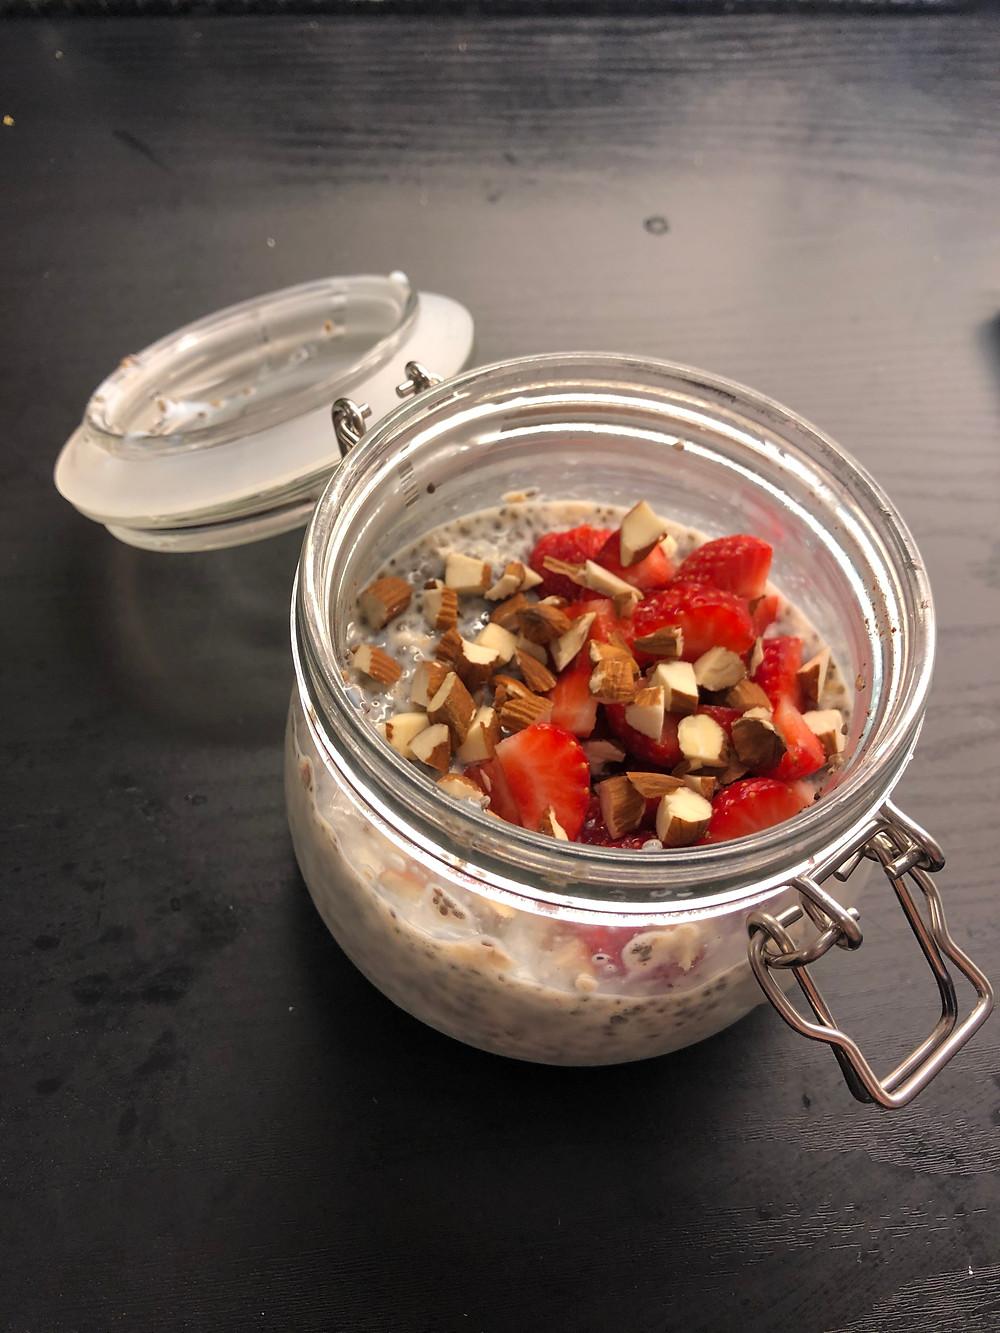 chiagrøt chiapudding laget med chiafrø, melk og havregryn. toppet med mandler og jordbær